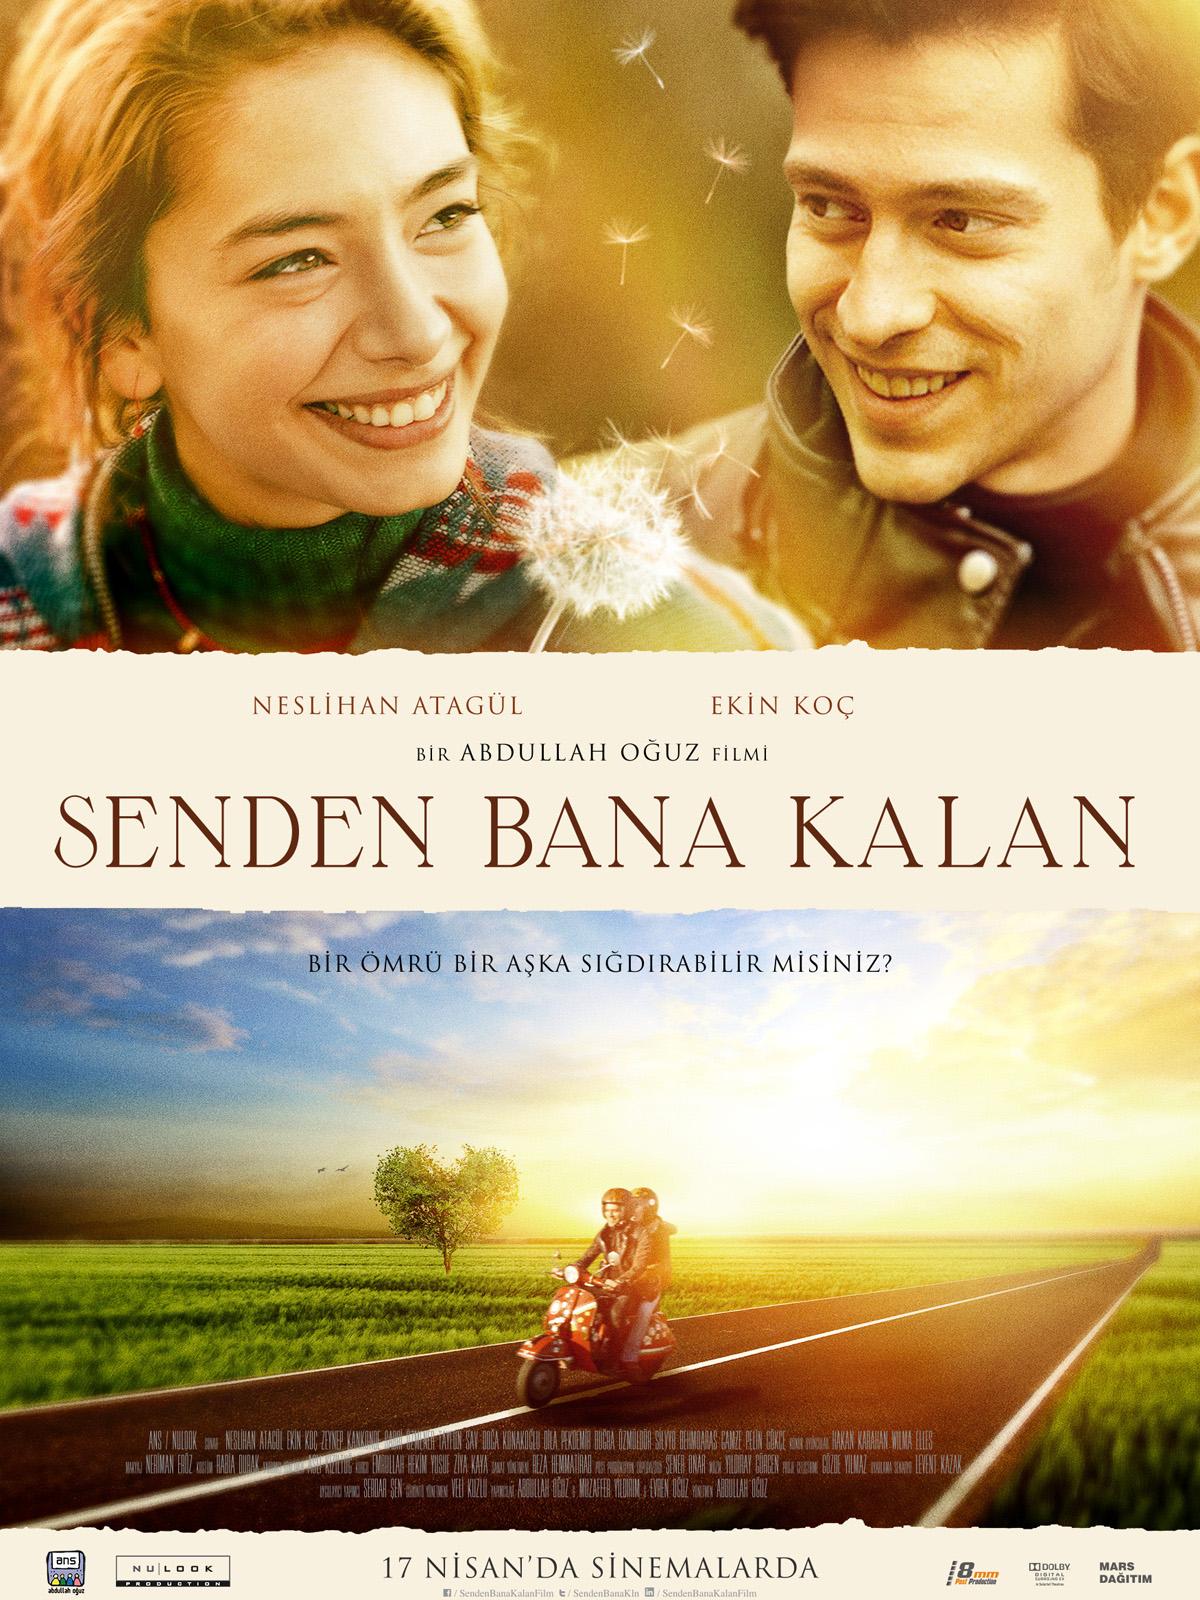 Romantik film önerileri 2015